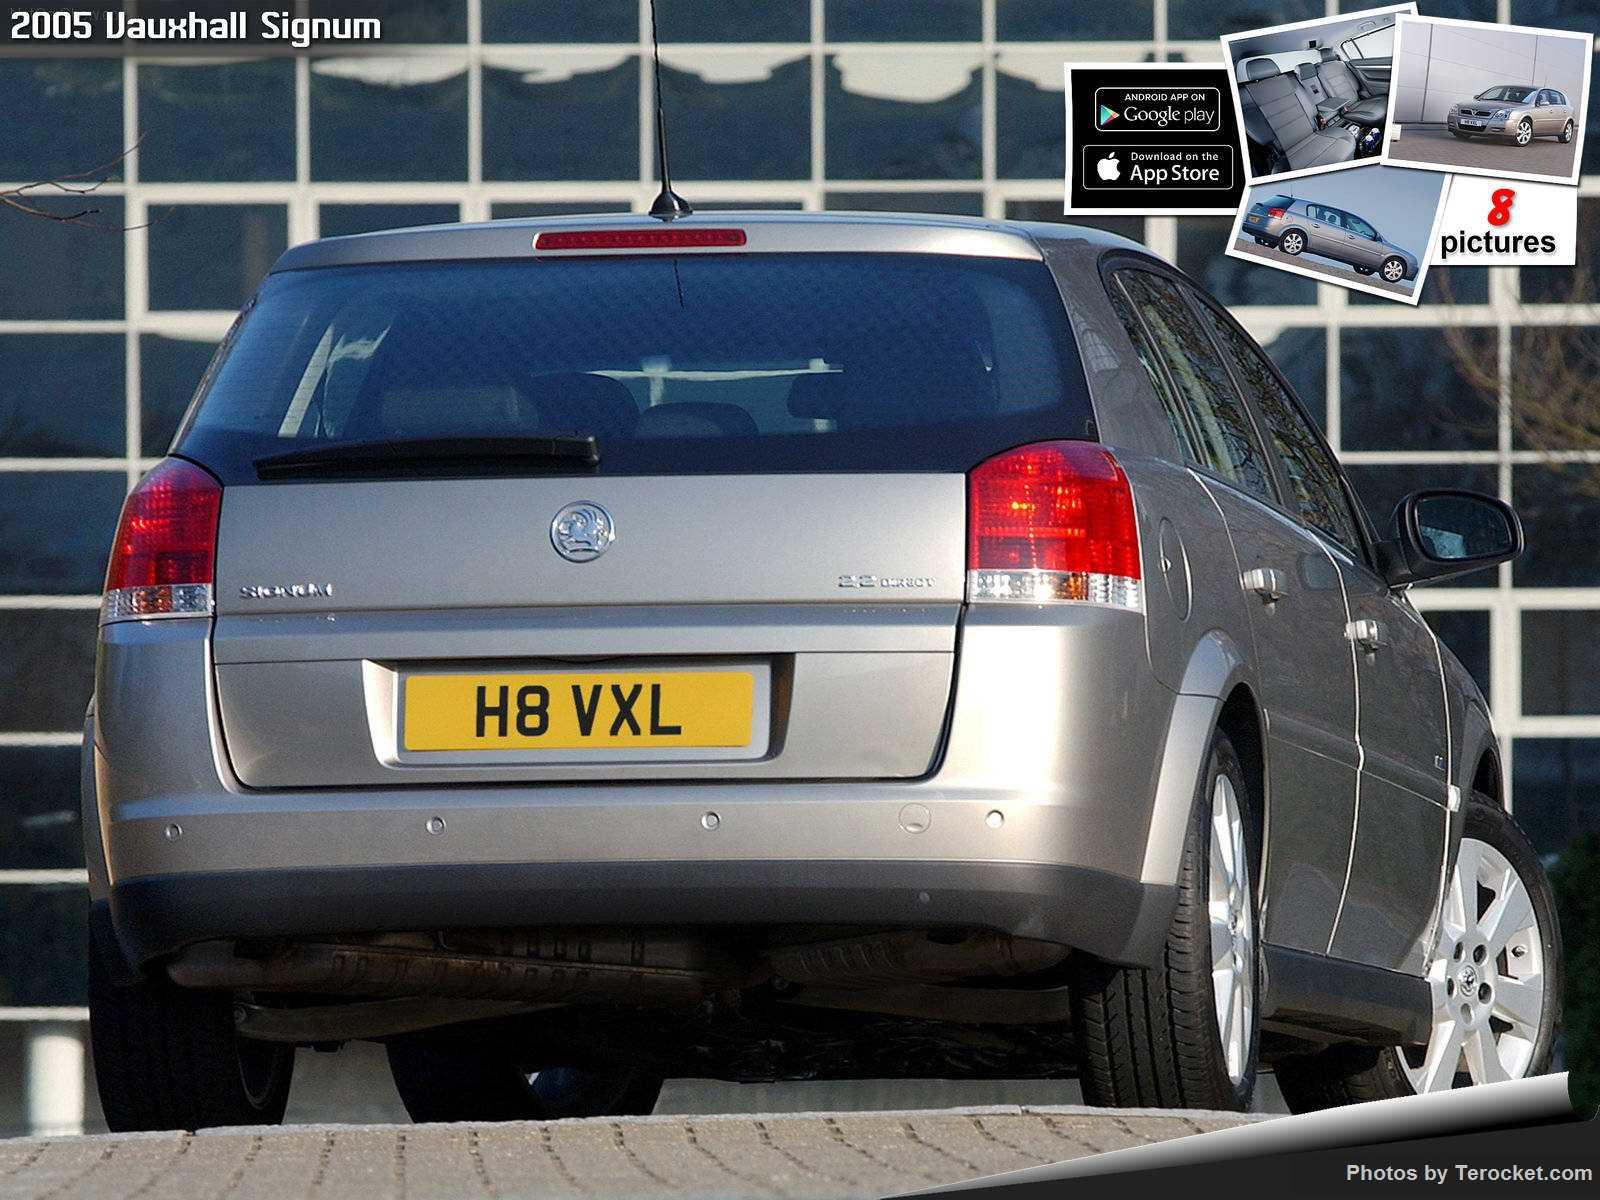 Hình ảnh xe ô tô Vauxhall Signum 2005 & nội ngoại thất